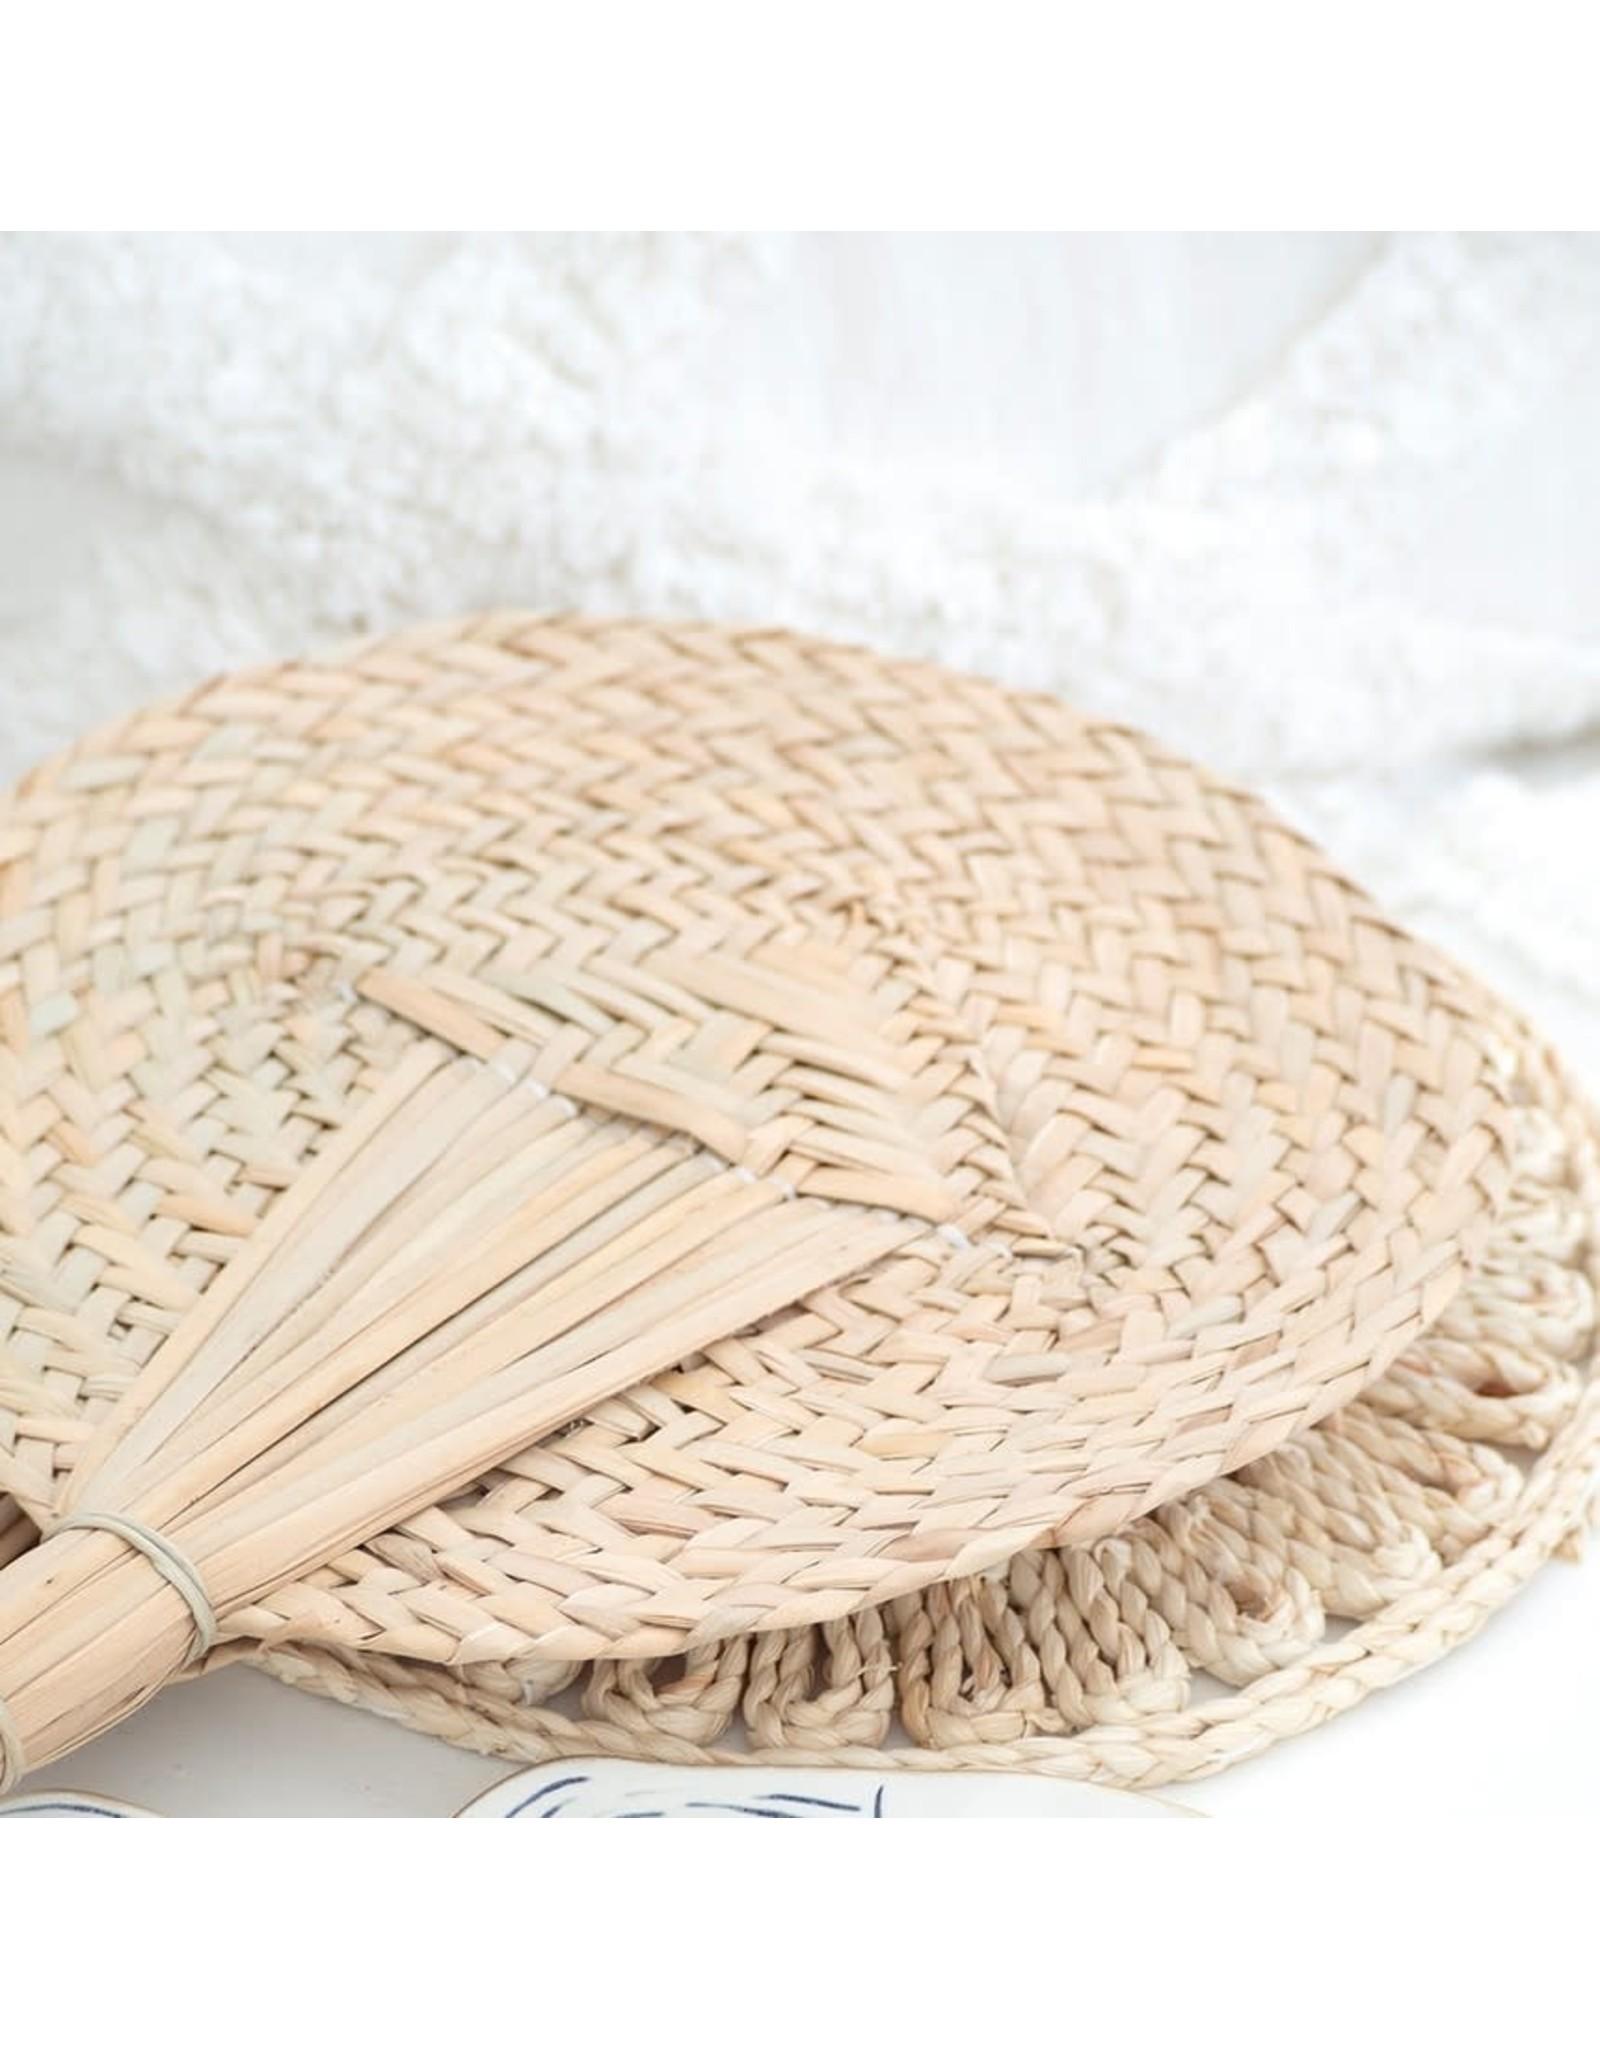 Water Grass Fan